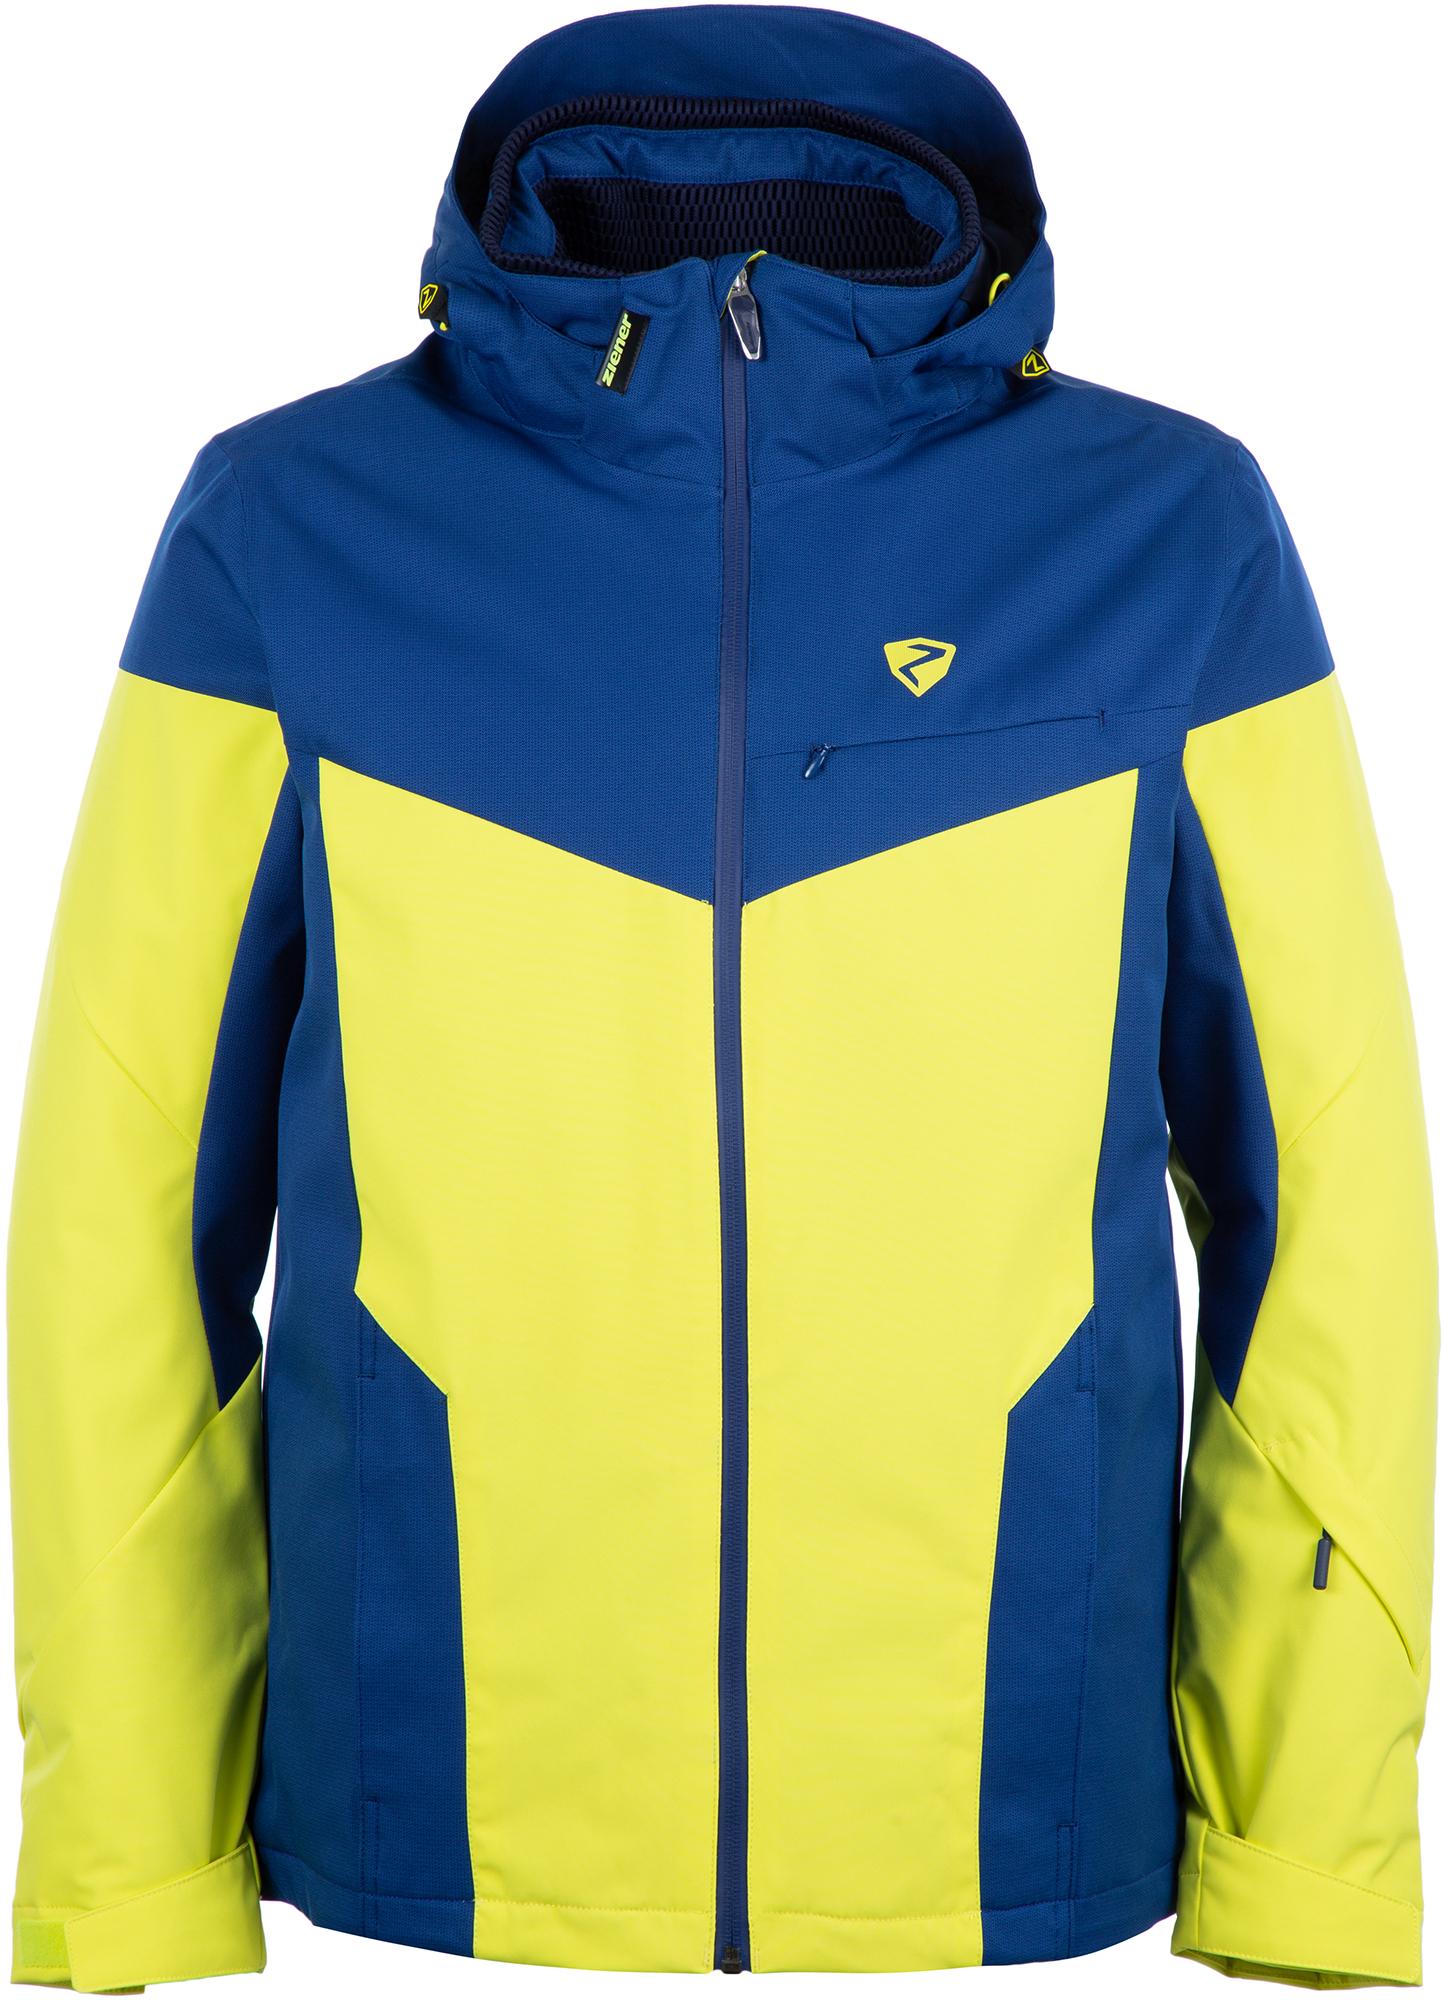 Ziener Куртка утепленная мужская Ziener Toccoa, размер 48